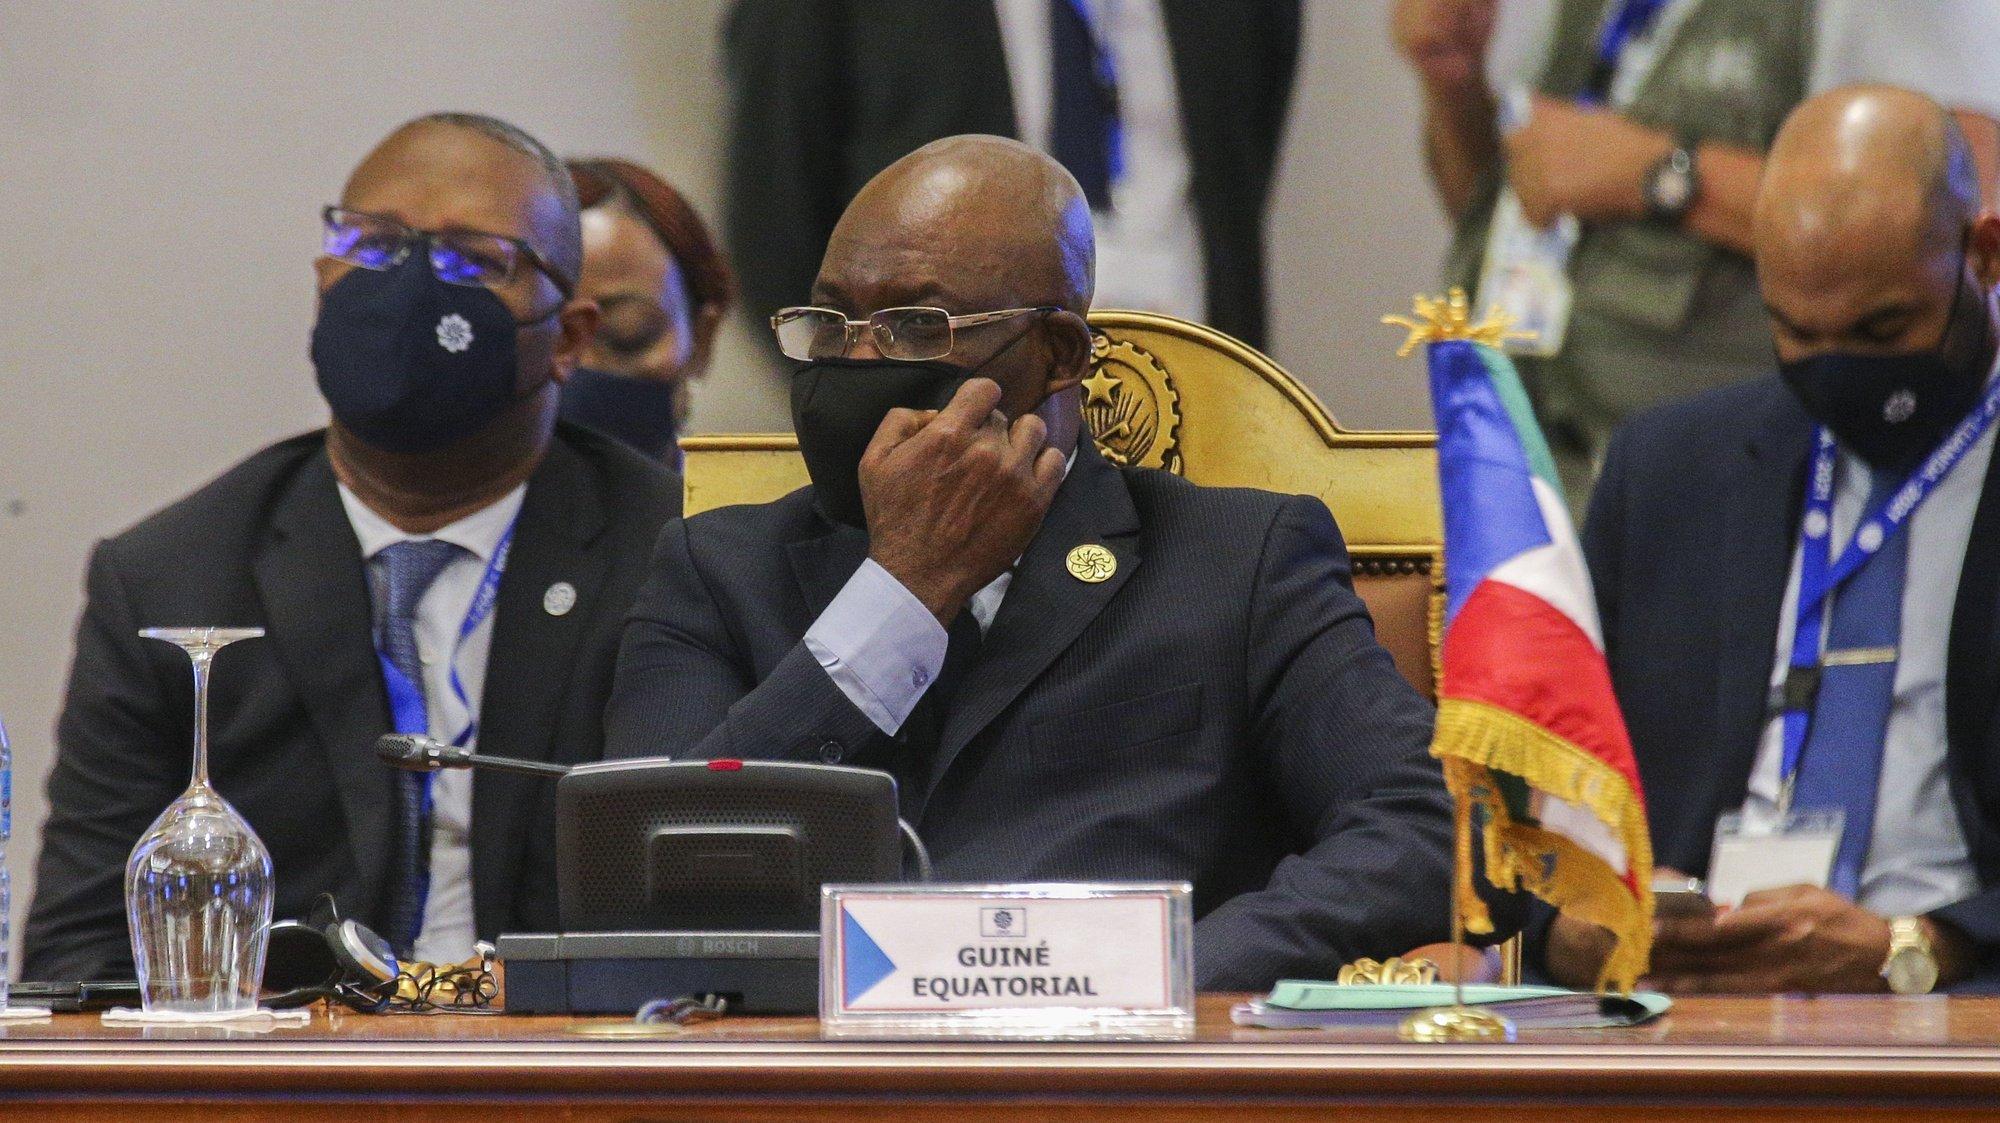 O ministro dos Assuntos Exteriores da Guiné-Equatorial, Simeón Oyono Esono Angue, durante a XIII Conferência de Chefes de Estado e de Governo da Comunidade dos Países de Língua Portuguesa (CPLP), em Luanda, Angola, 17 de julho de 2021. AMPE ROGÉRIO/LUSA